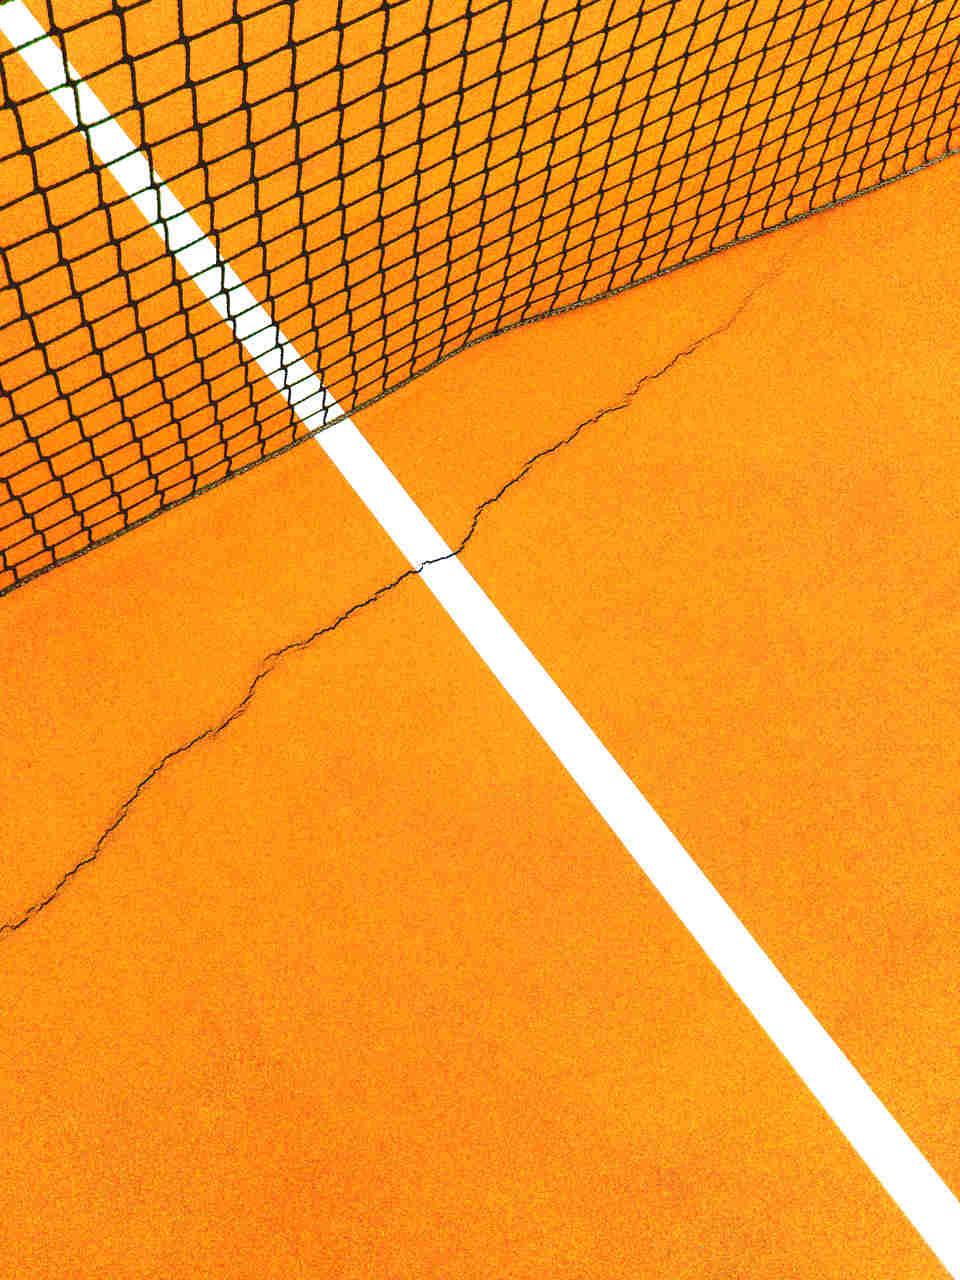 Racha no pavimento de um campo de ténis junto a uma rede